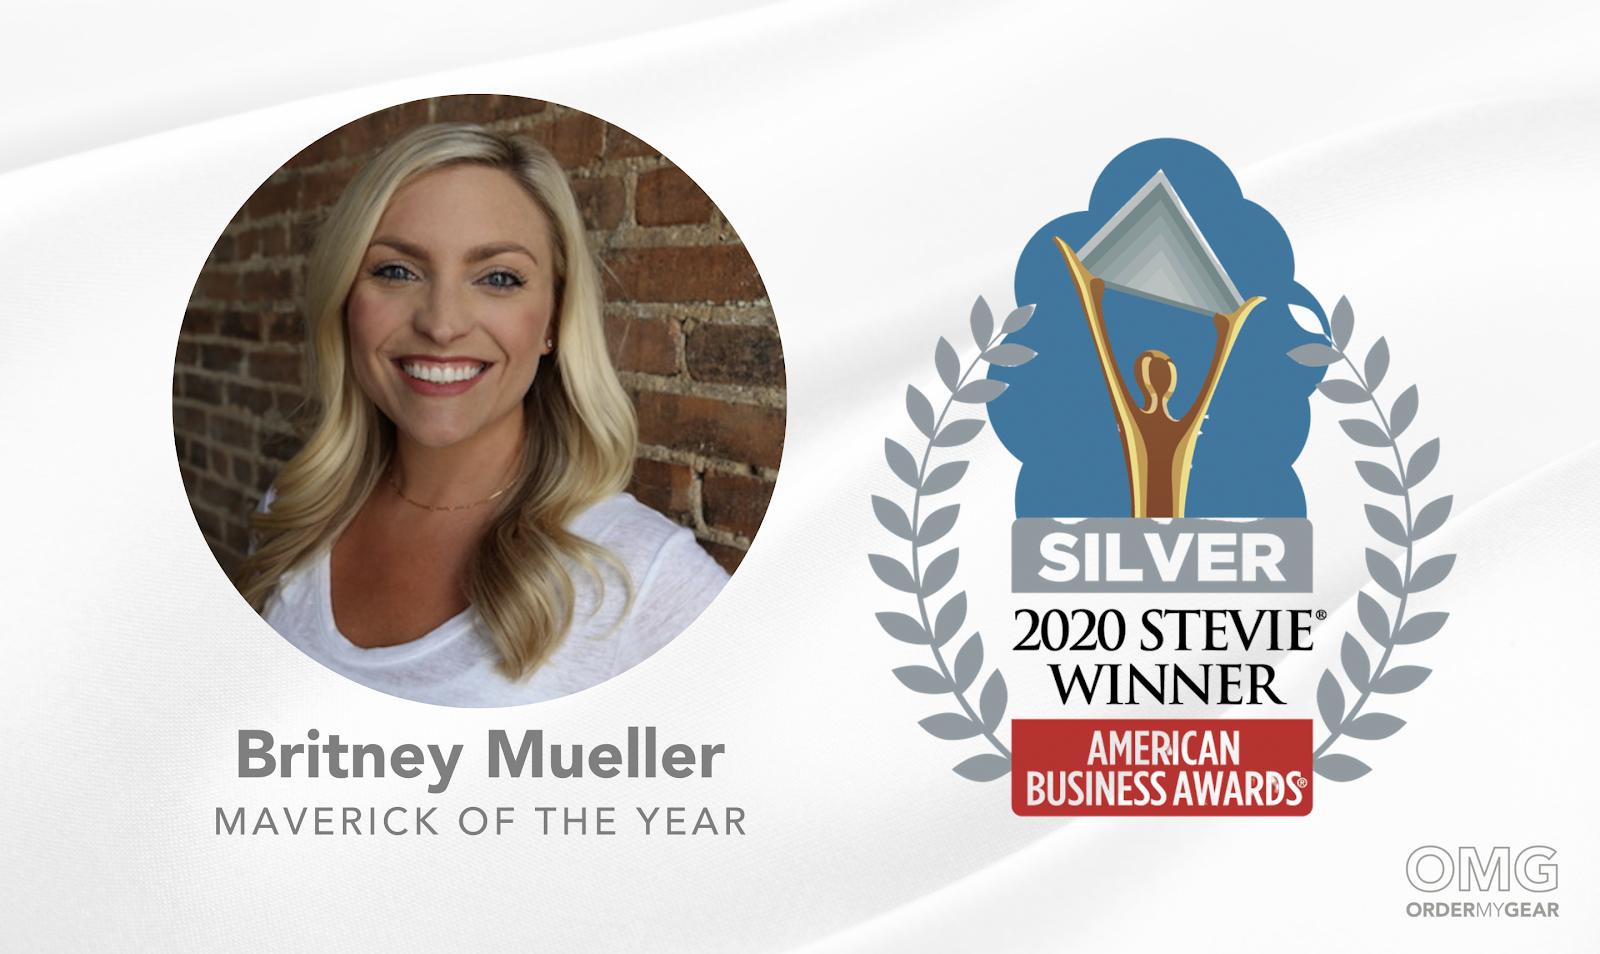 OMG Britney Mueller Stevie Award Winner